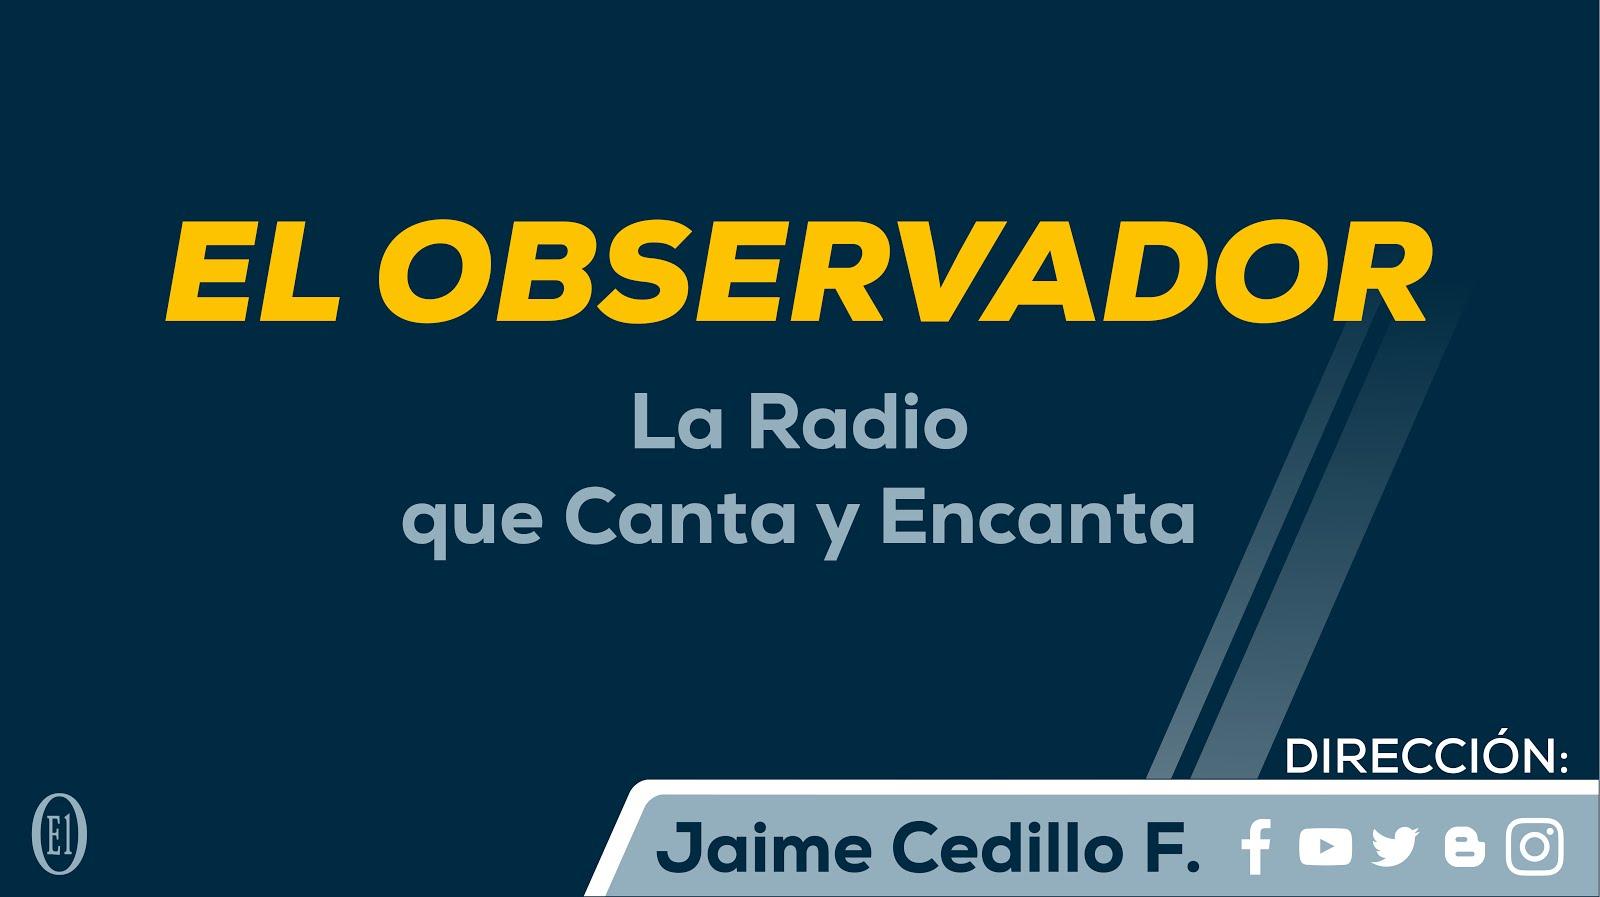 Radio El Observador